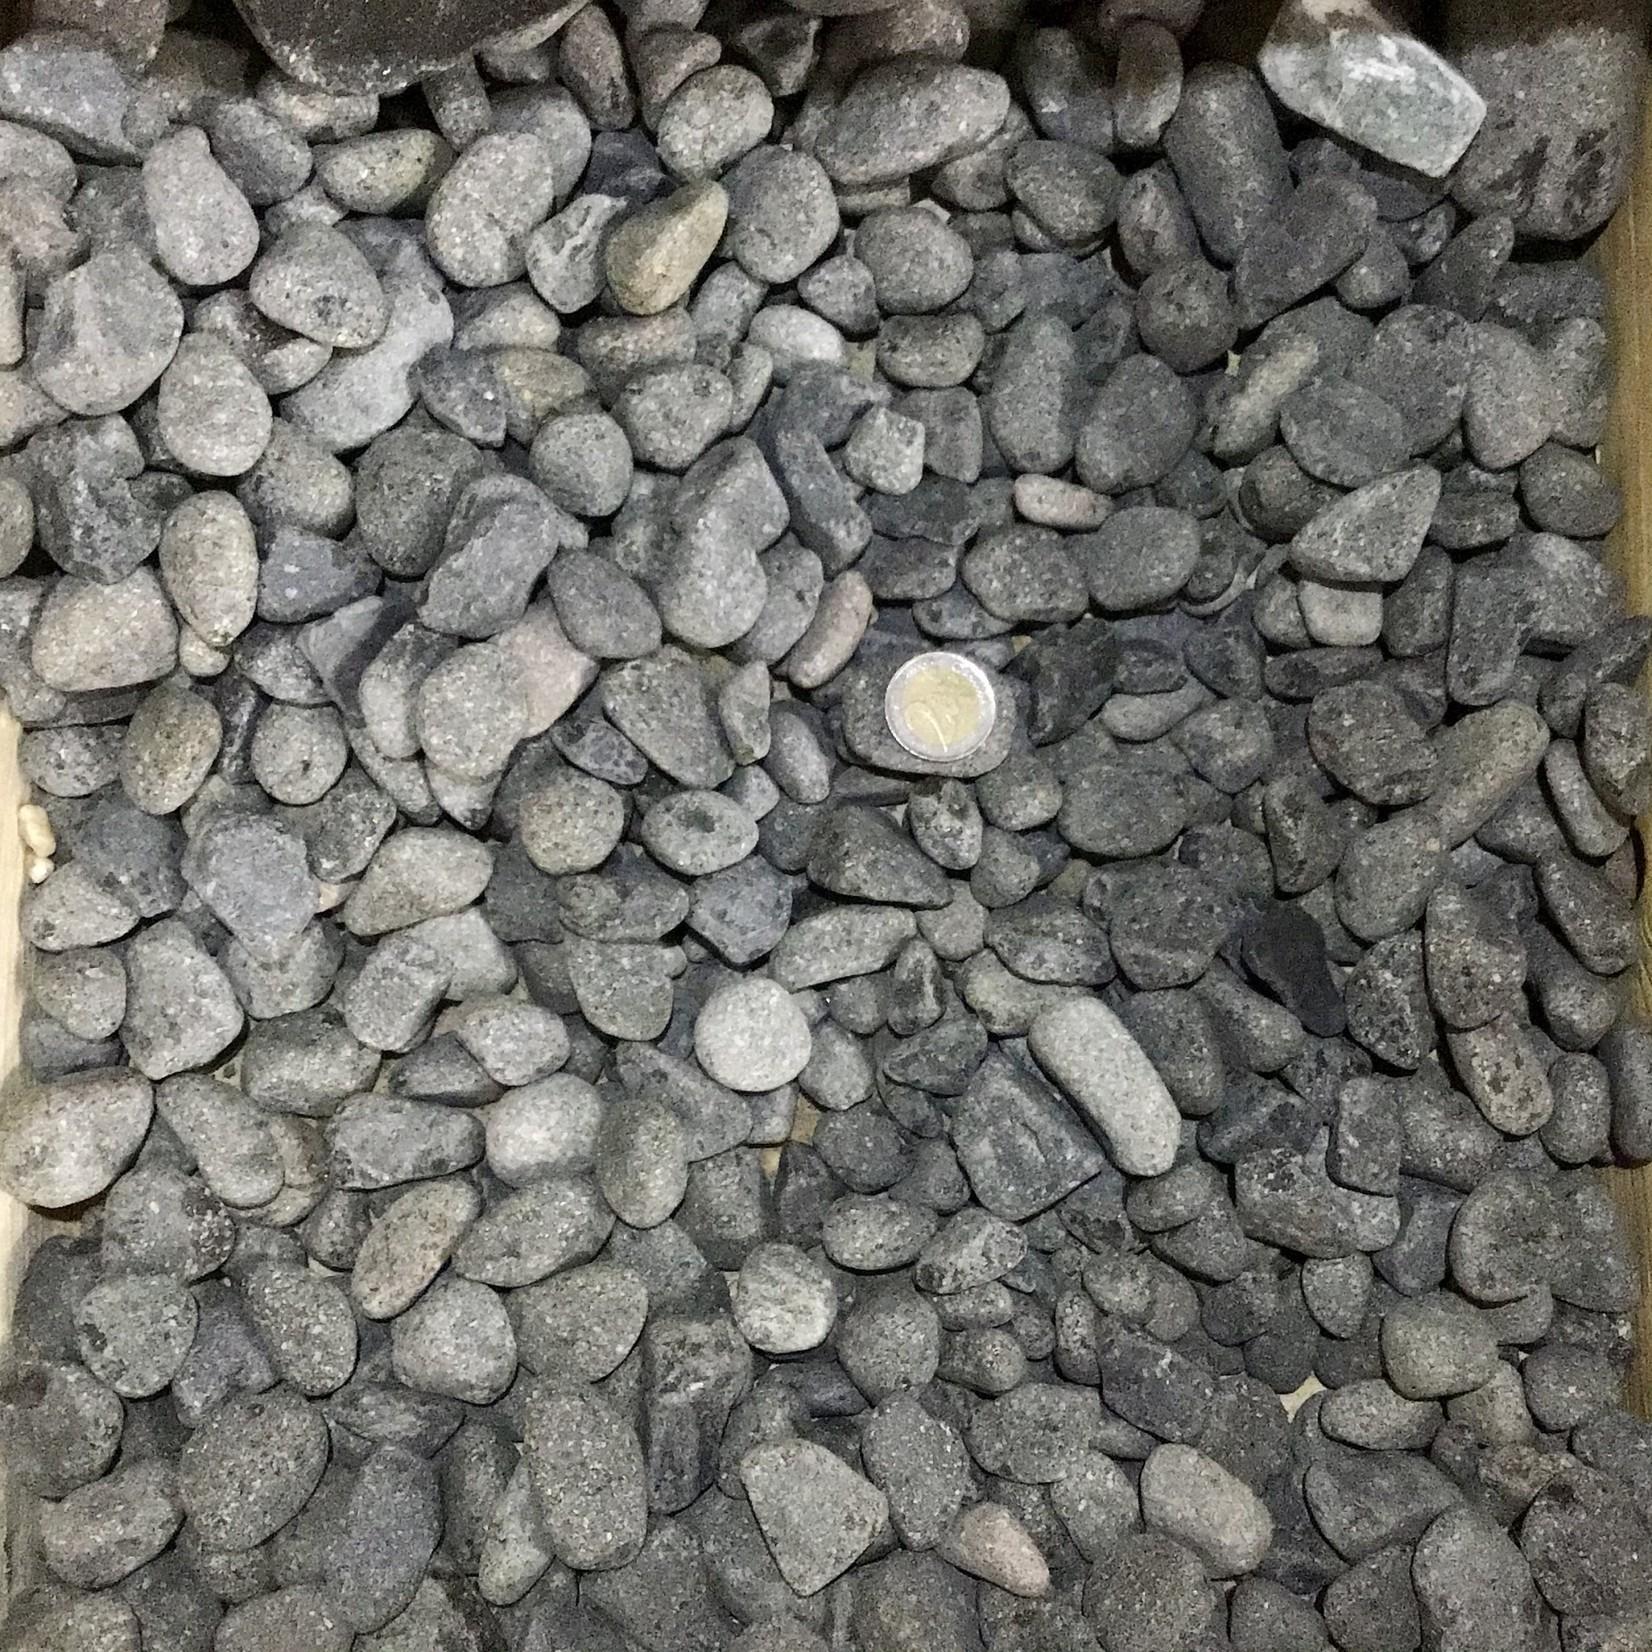 Basaltsteentjes 10-30 mm